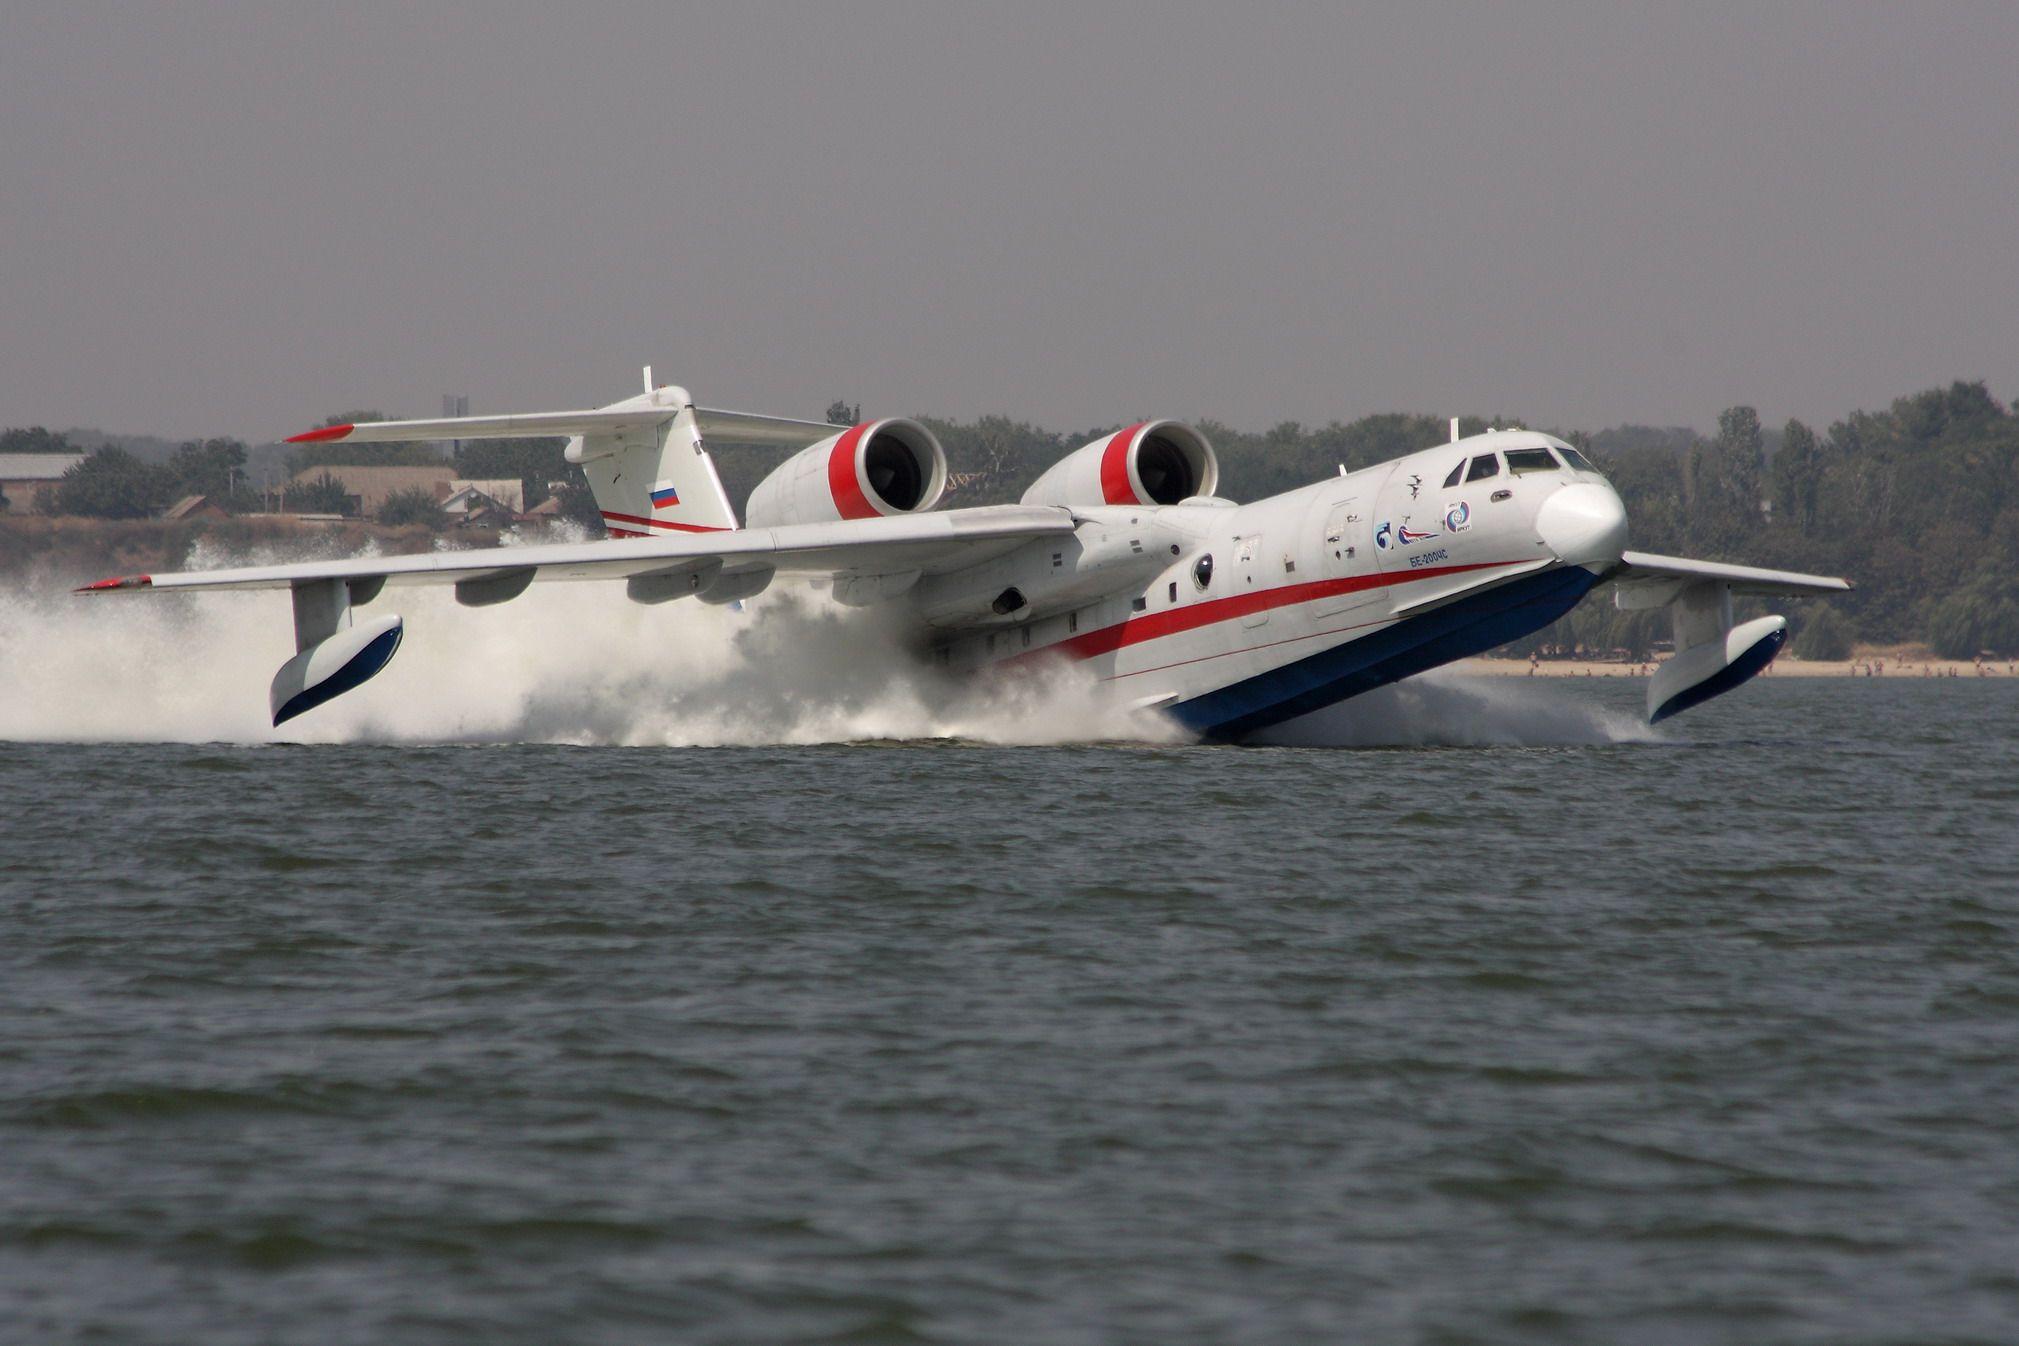 Обои амфибия, Bombardier, Самолёт, Вода. Авиация foto 11